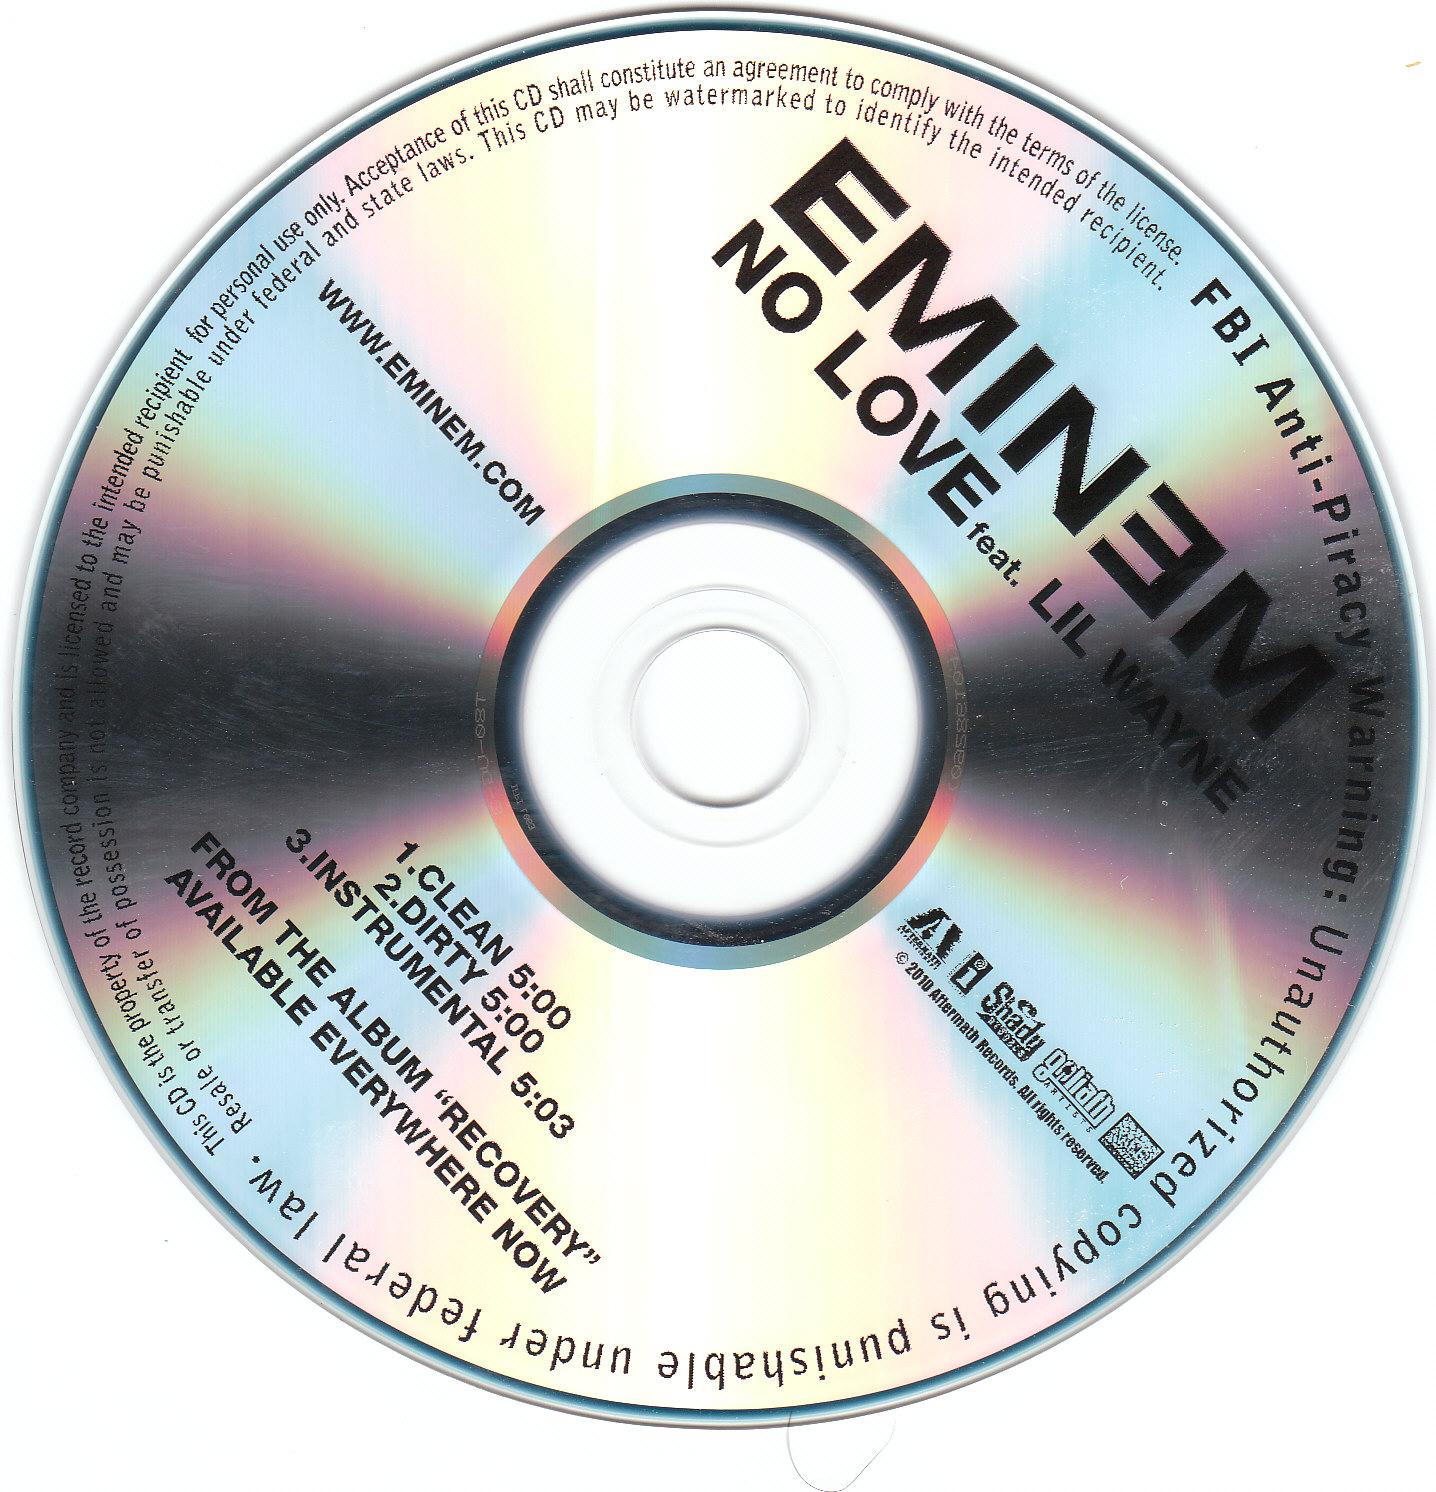 Eminem Car Accident Eminem cds in order Eminem House And Cars